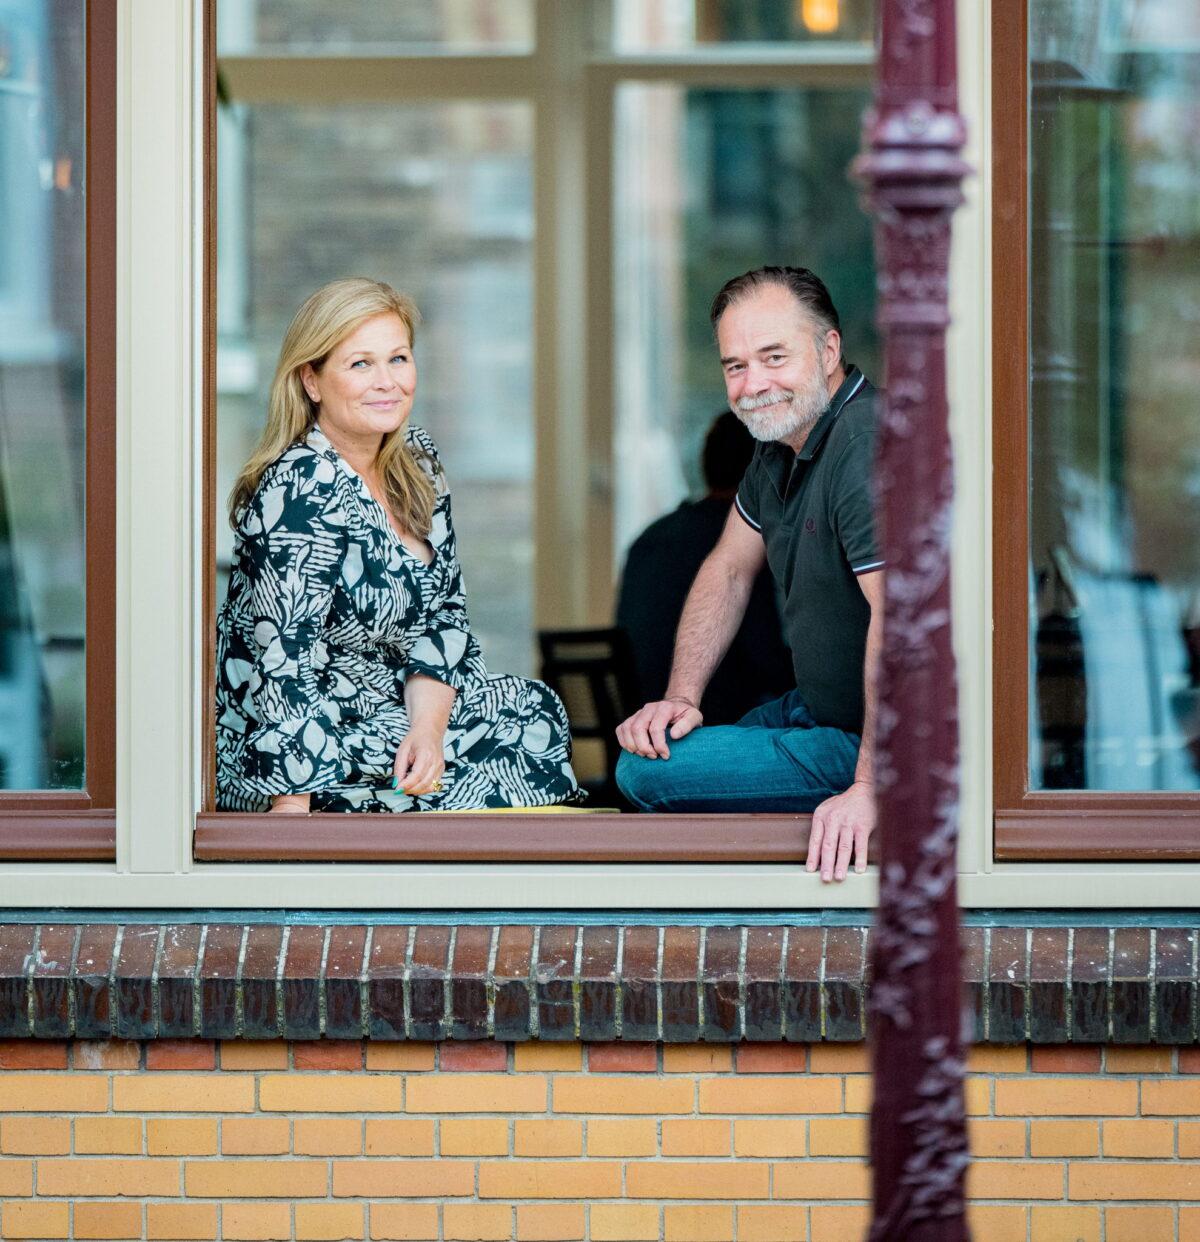 Christine van Dalen & Wouter Boits